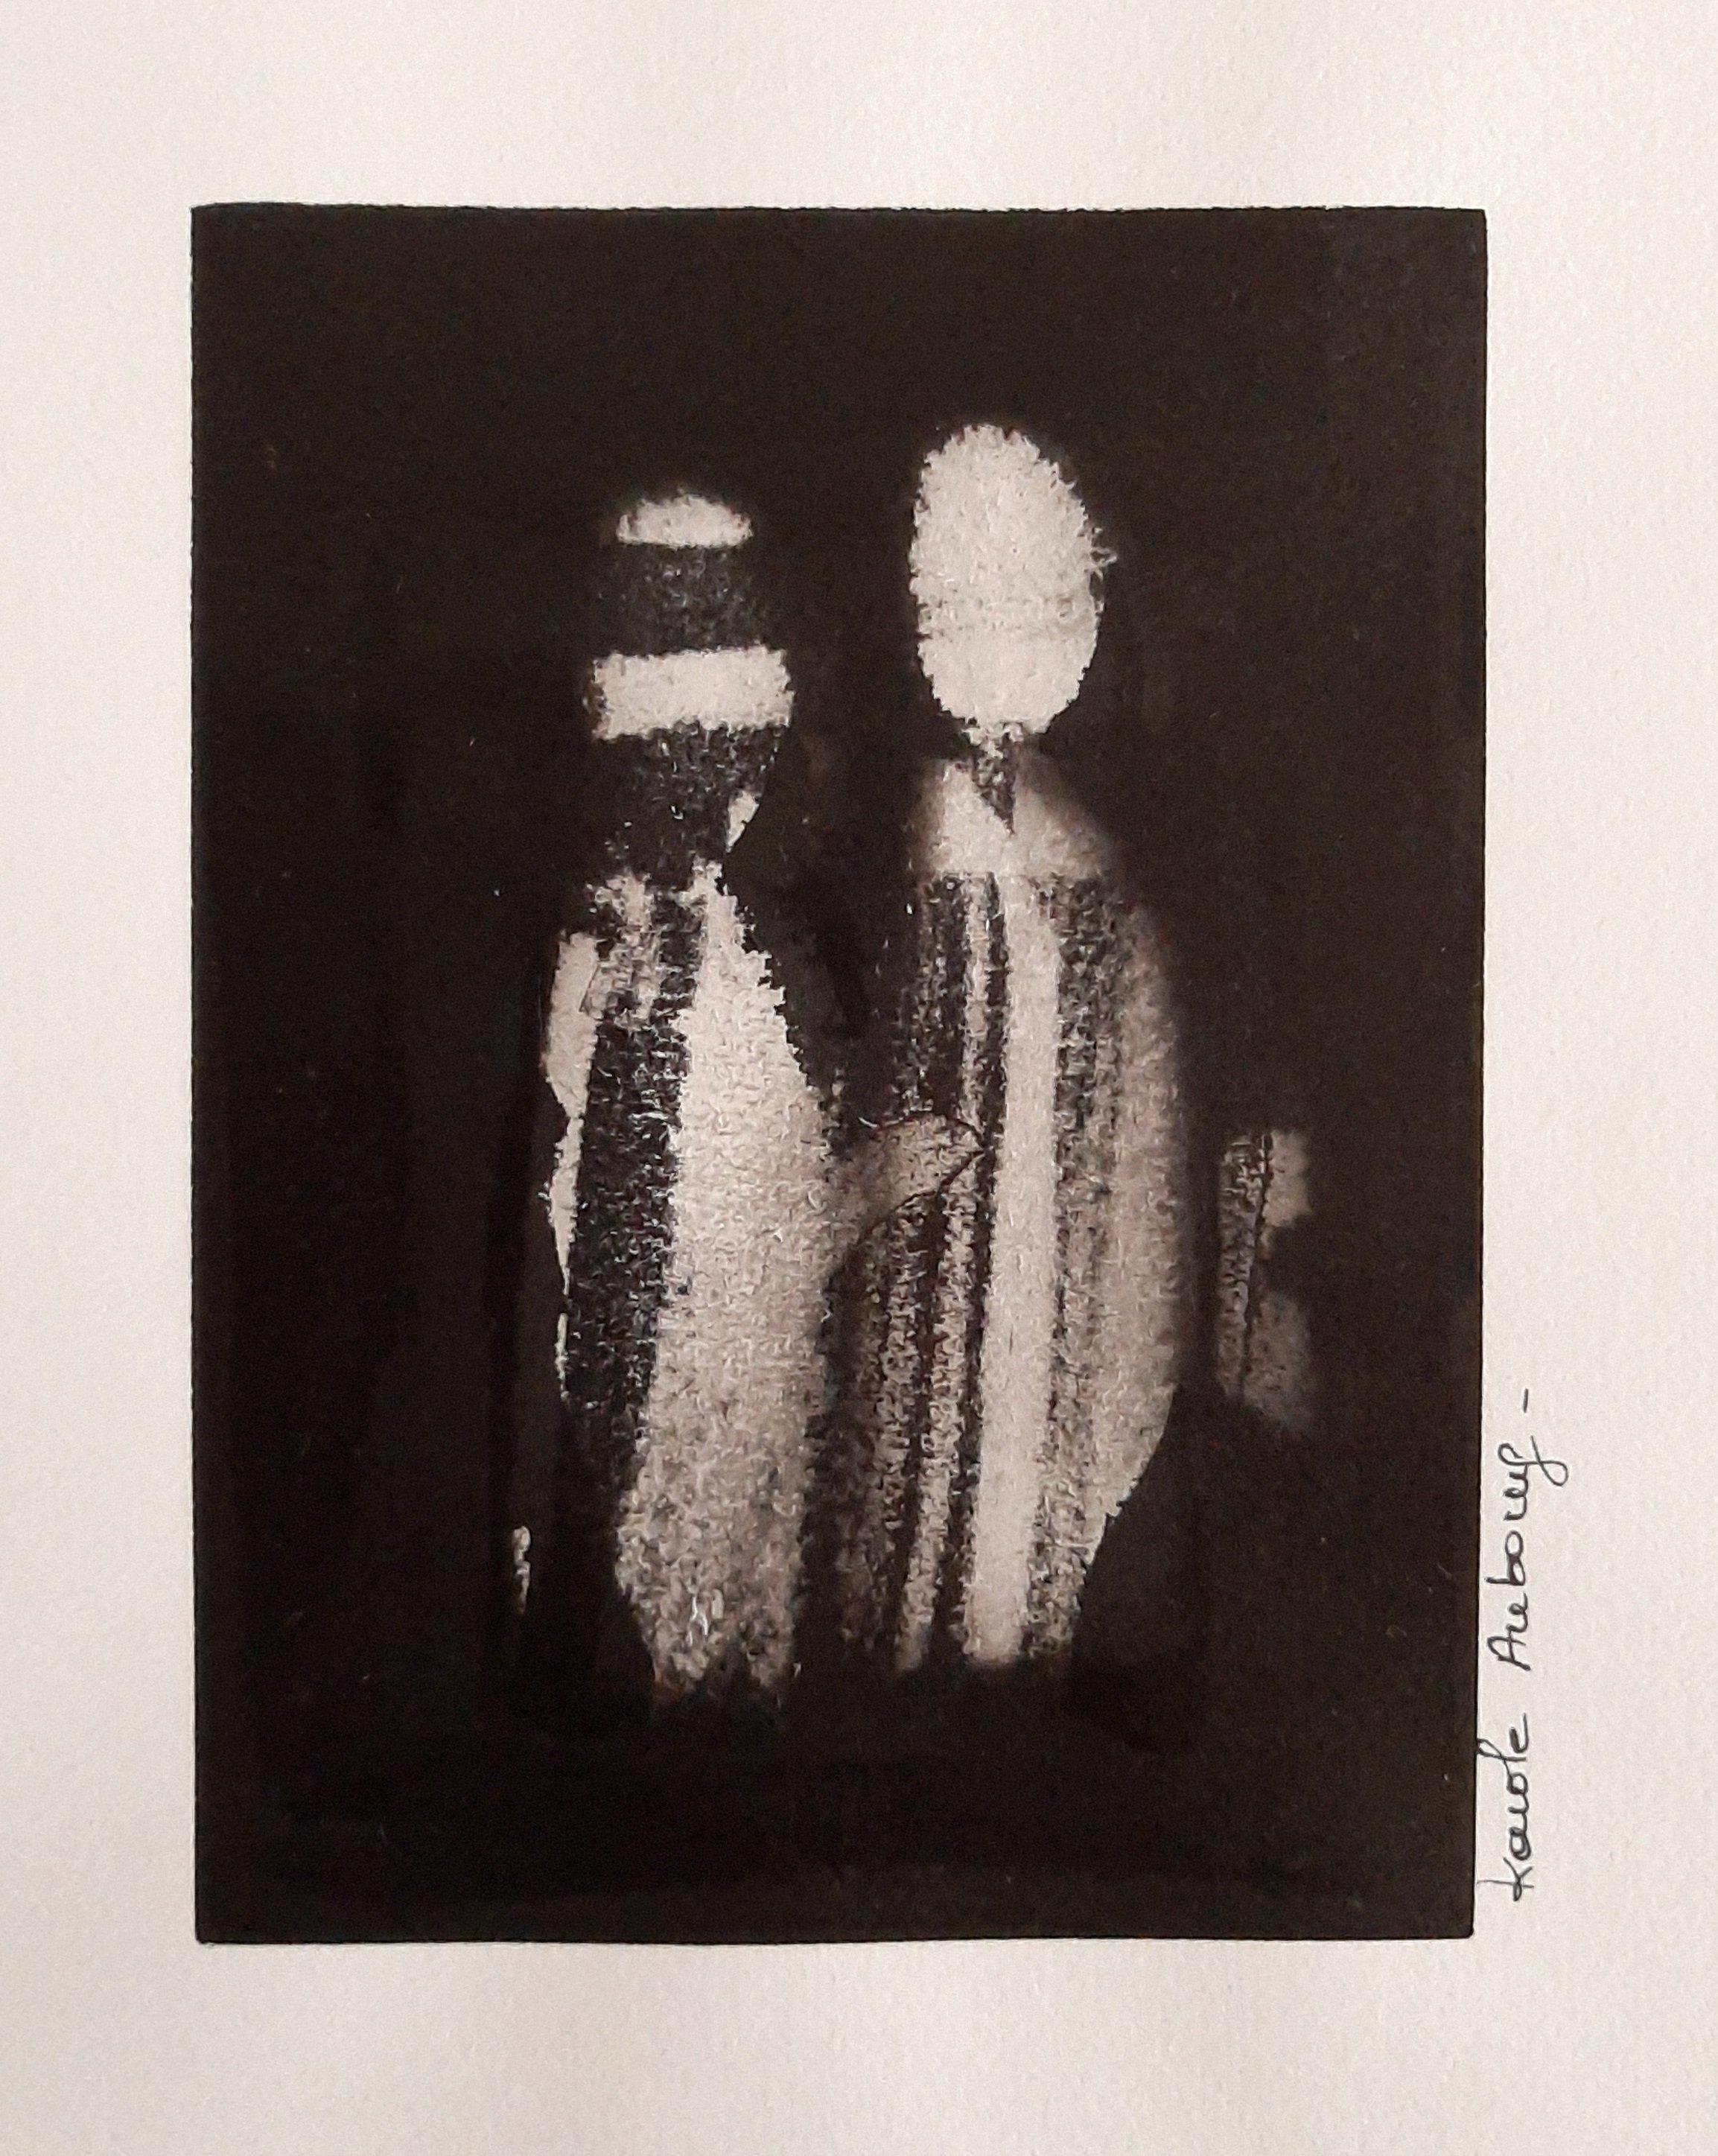 Encre de Chine sur papier numero 6 Karole Aubourg Dim 30 x21 cm